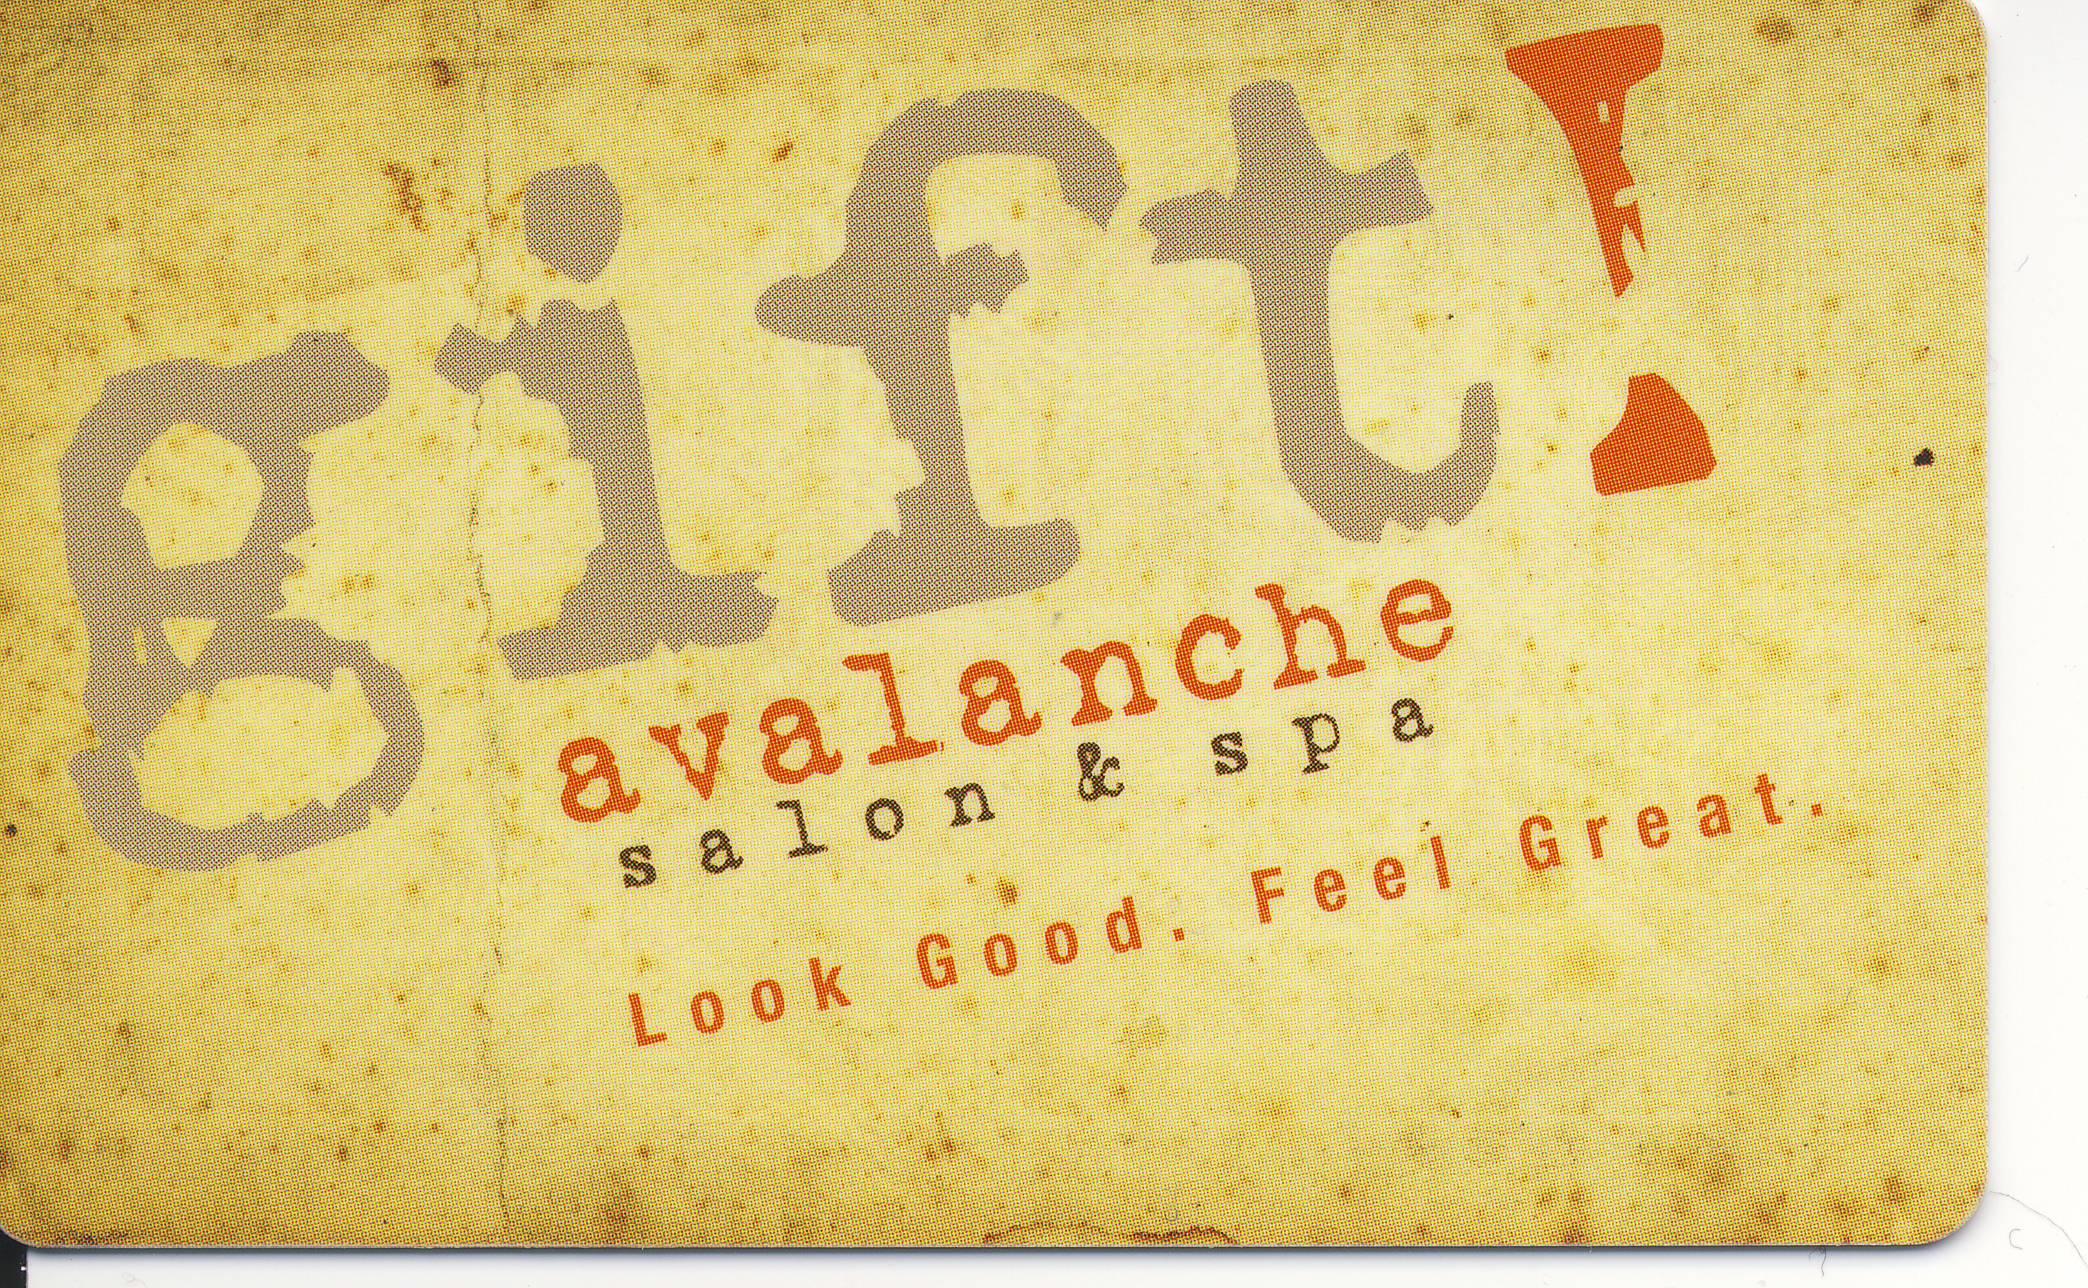 Avalanche Salon & Spa Gift Card